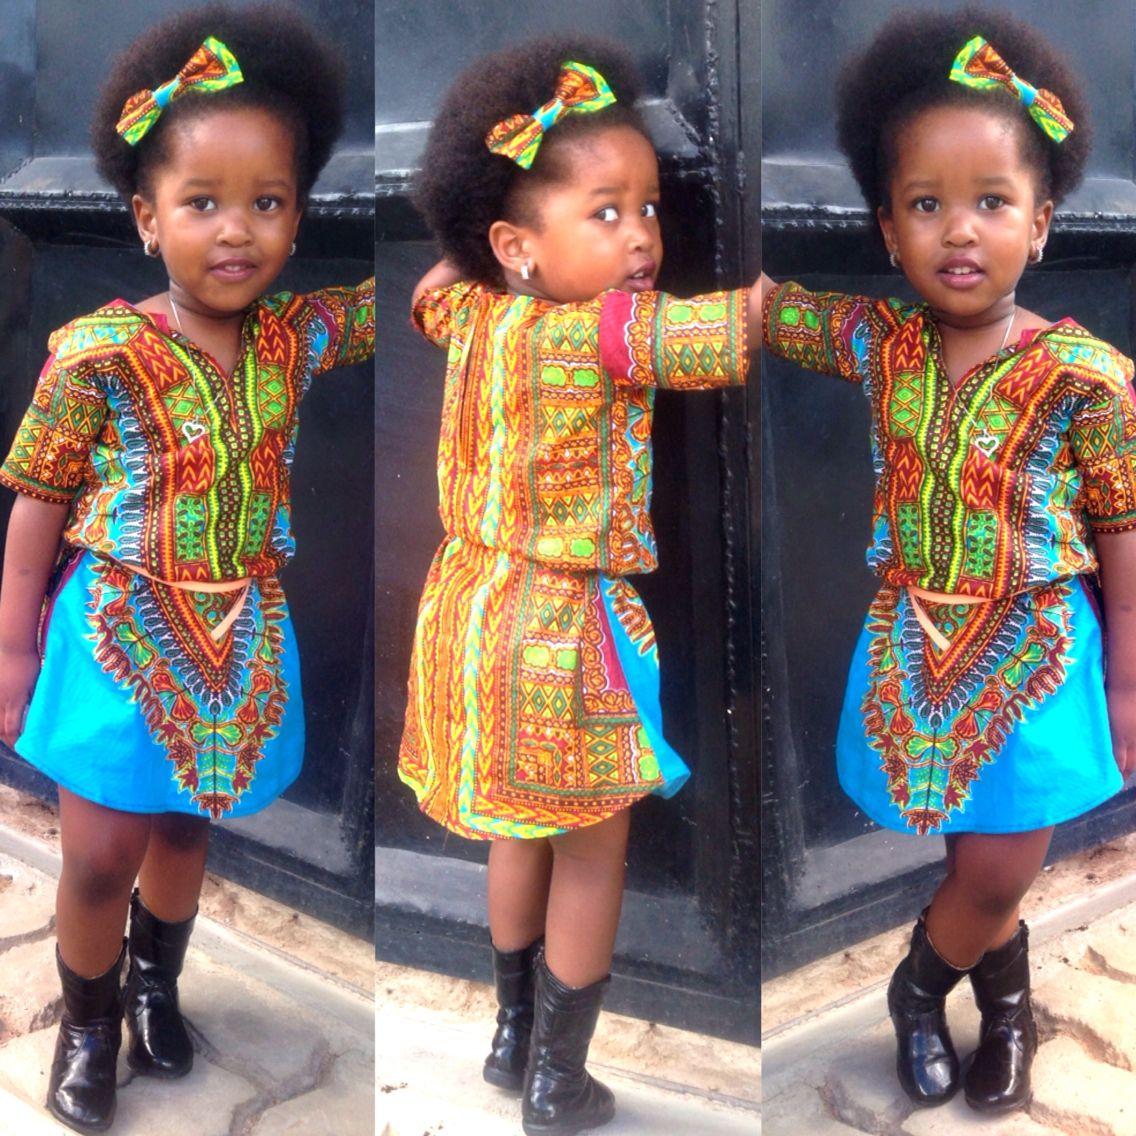 Children's Dresses in Tanzania